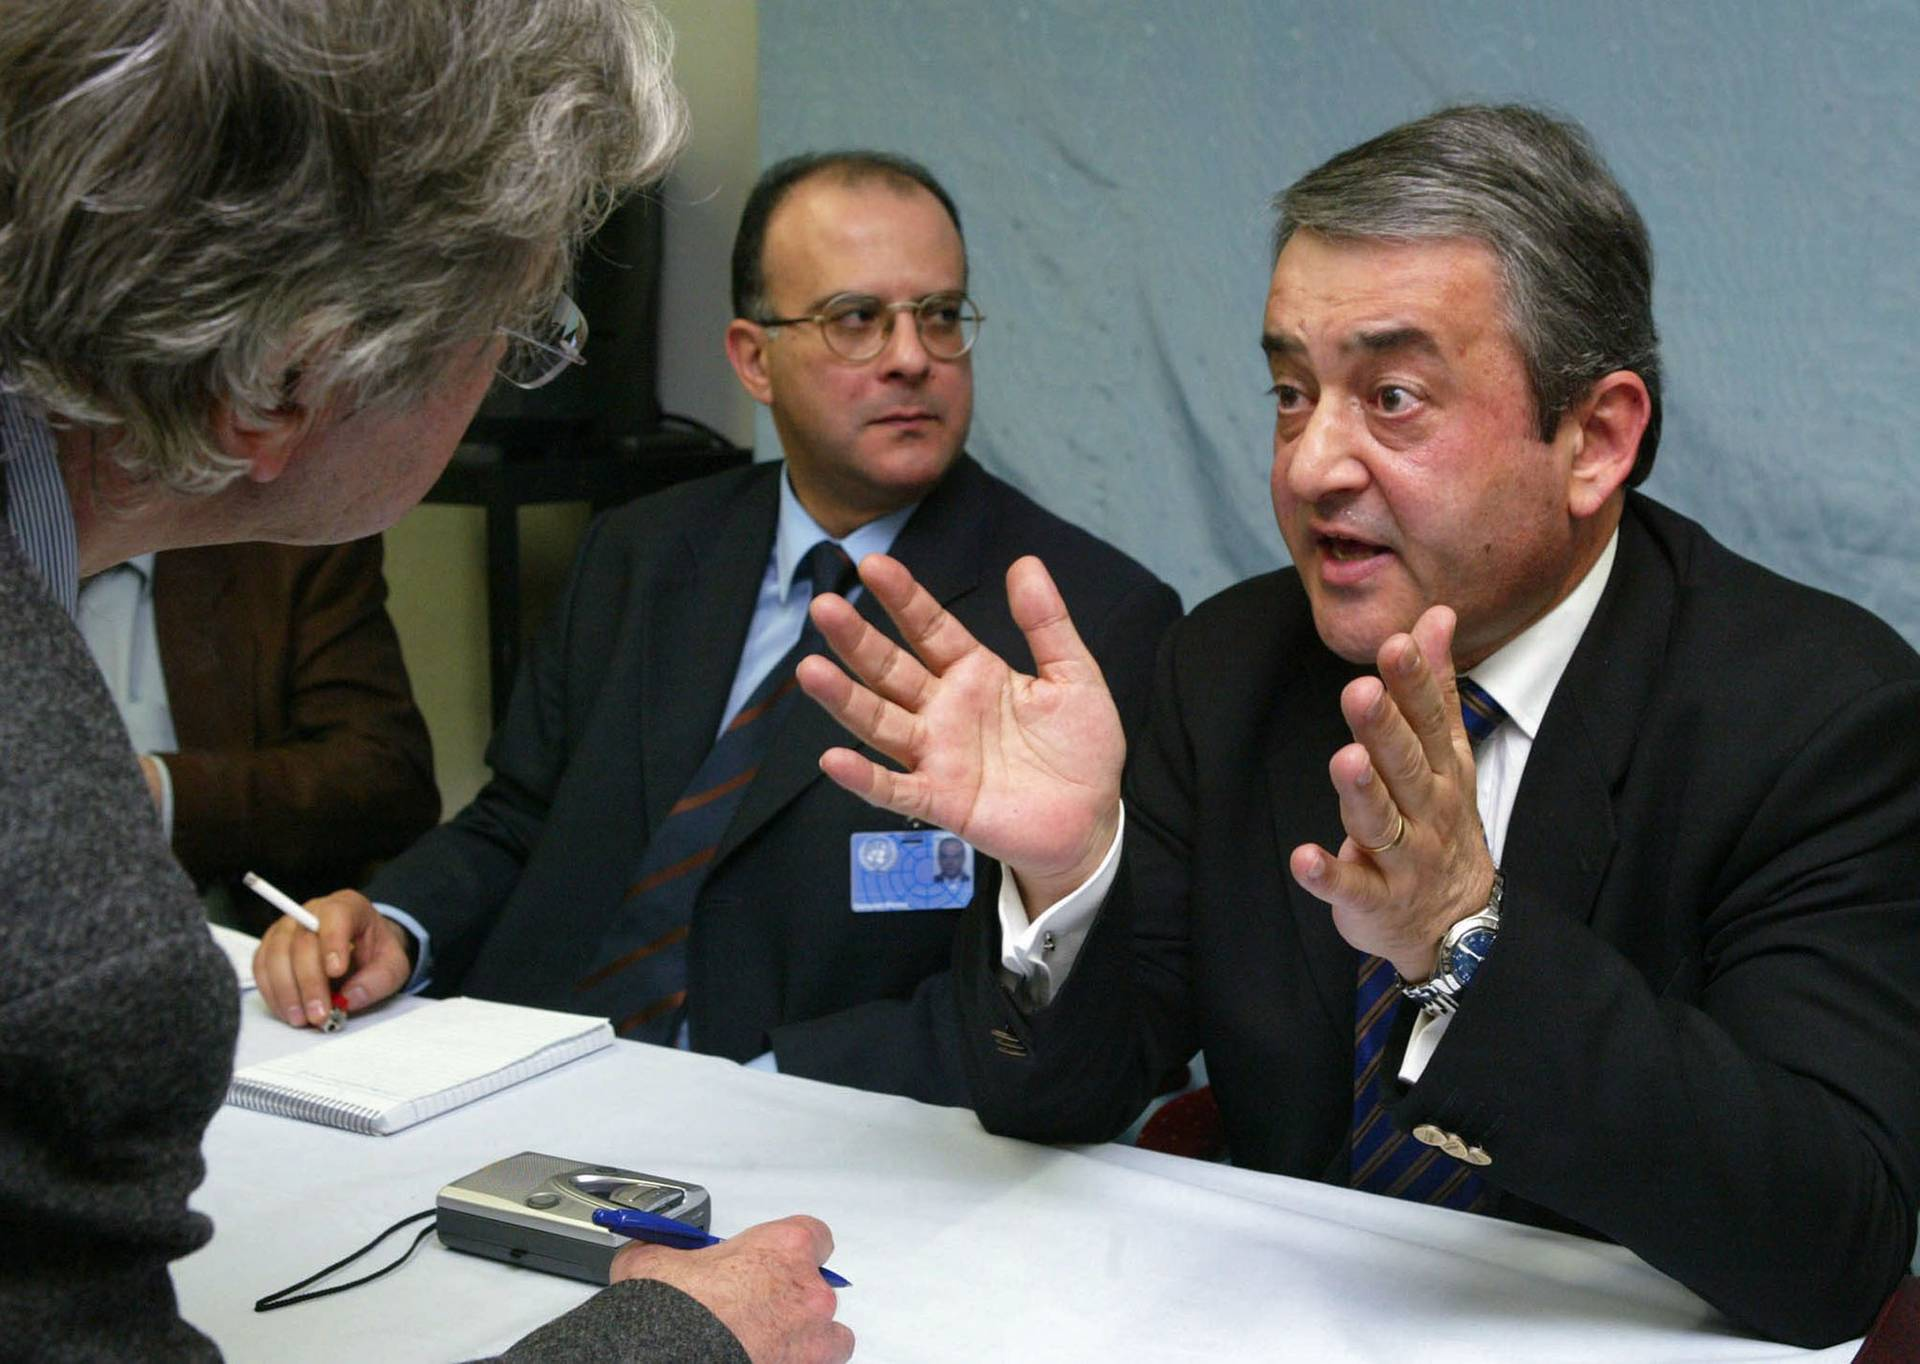 Адвокат Кіпрос Христостомідіс (праворуч) під час прес-конференції в Швейцарії, 31 березня 2004 року